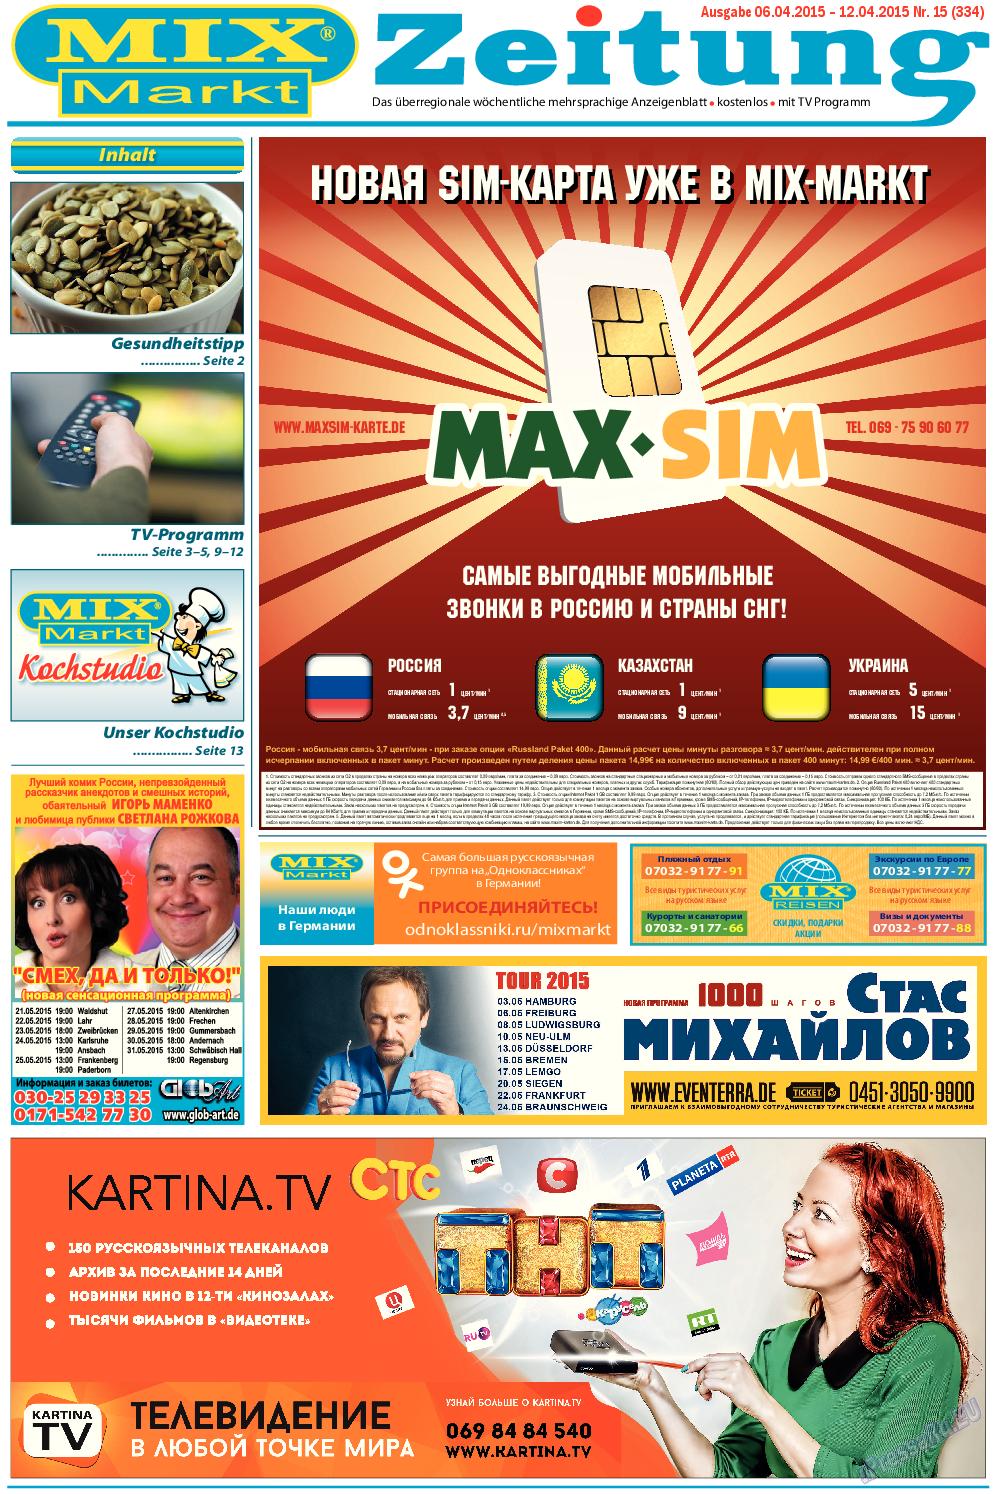 MIX-Markt Zeitung (газета). 2015 год, номер 15, стр. 1